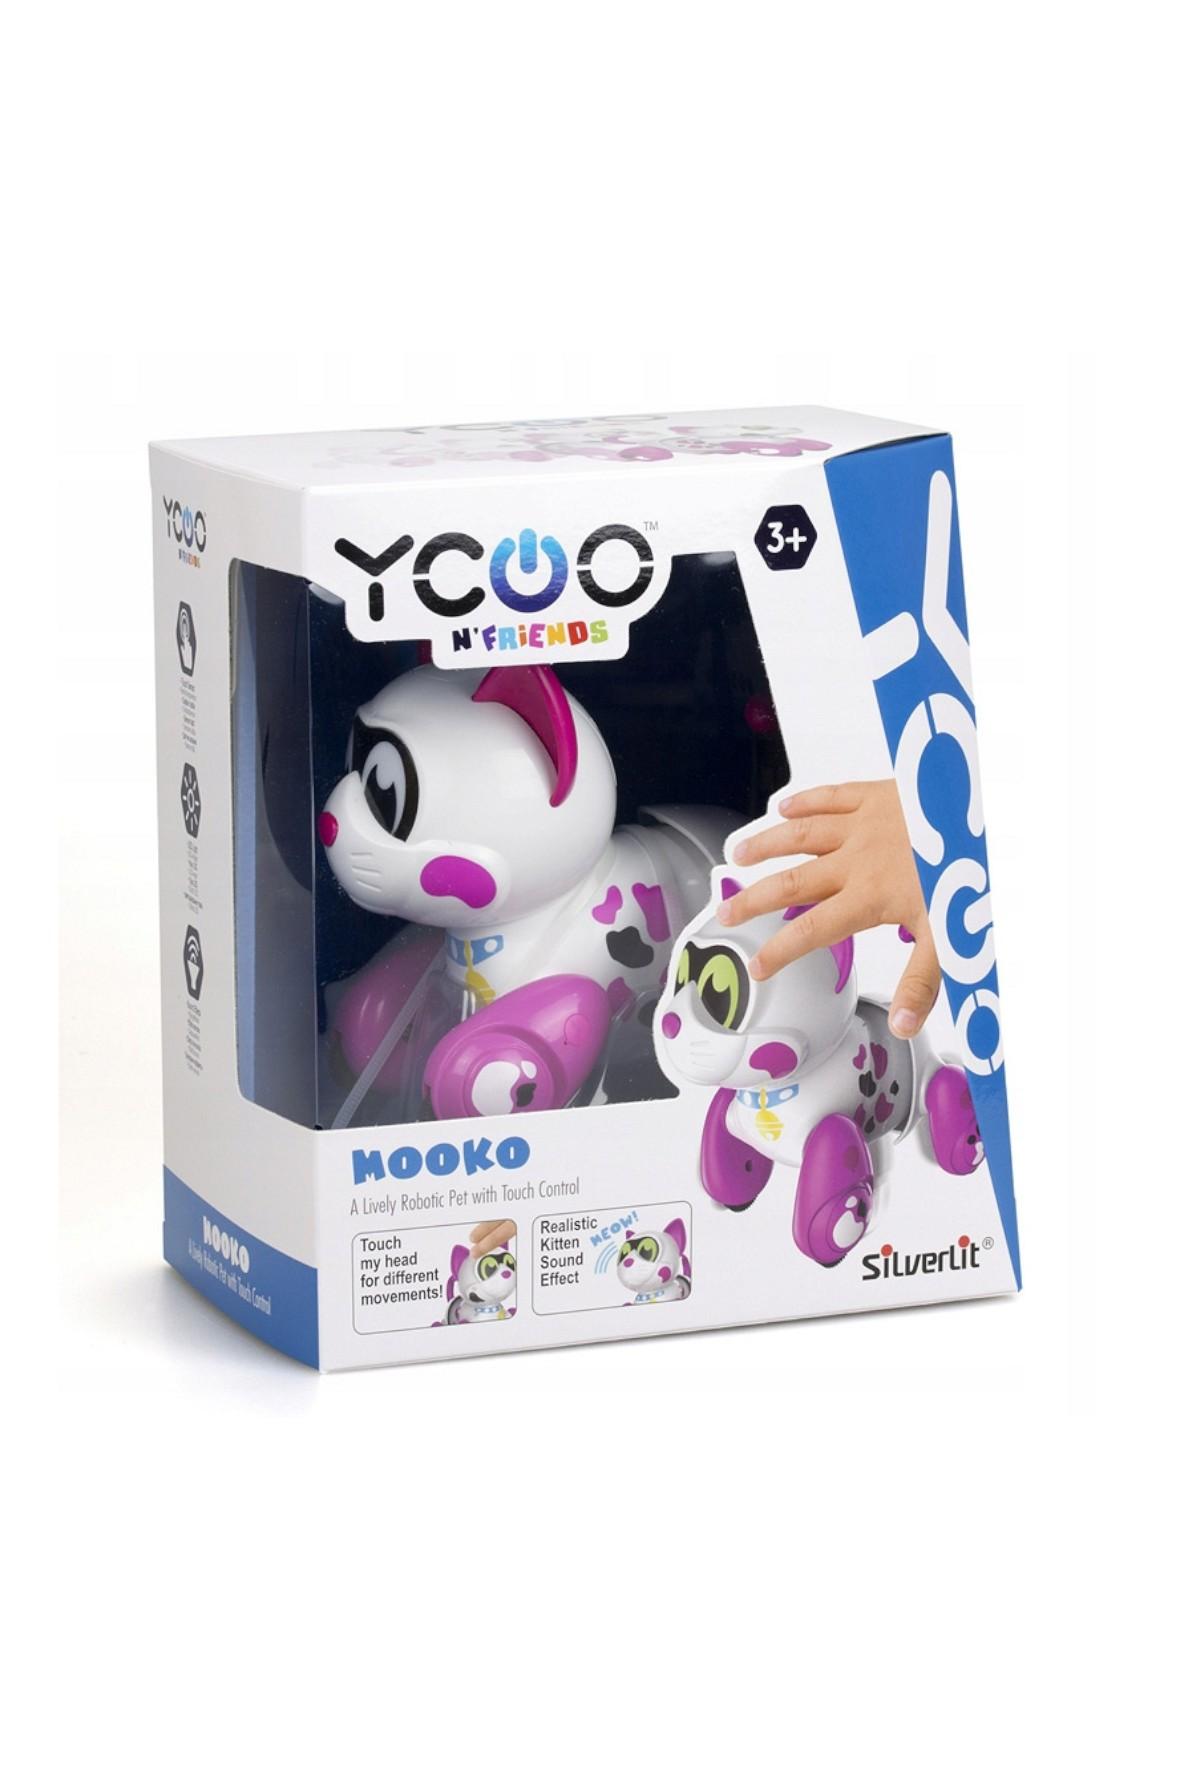 Robot Kotek Mooko wiek 3+